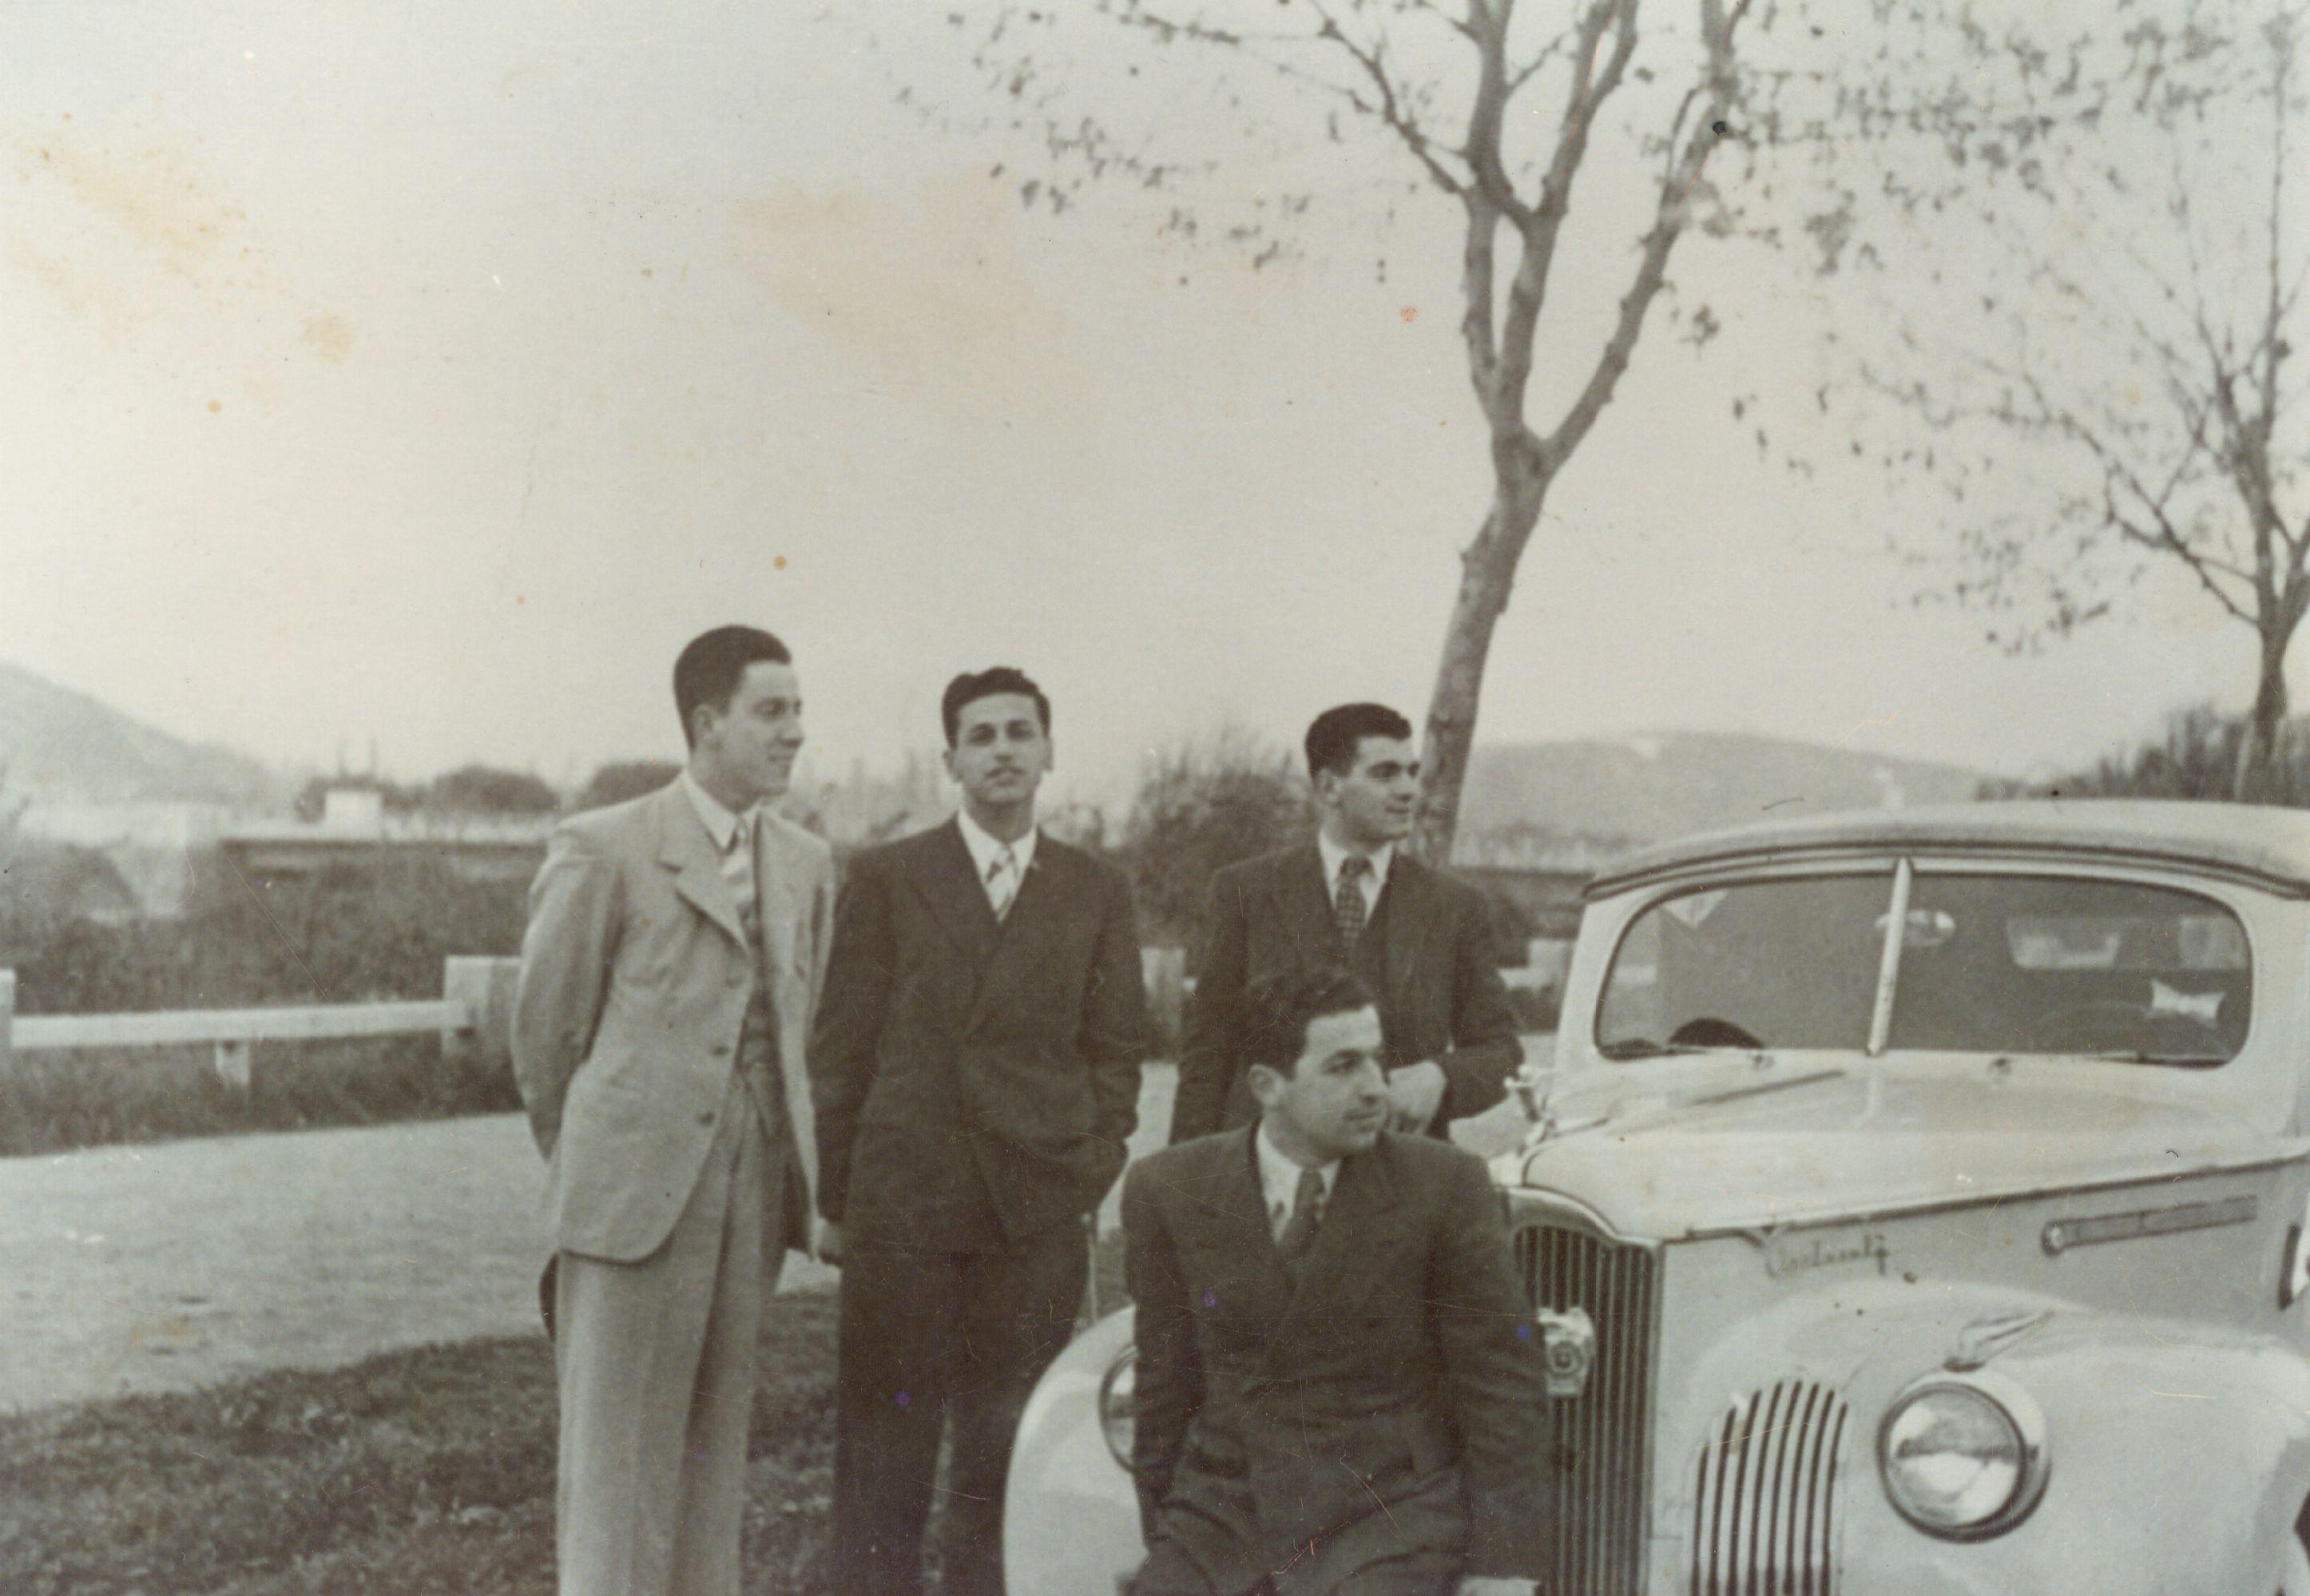 Enterreno - Fotos históricas de chile - fotos antiguas de Chile - Amigos con su Packard 1943